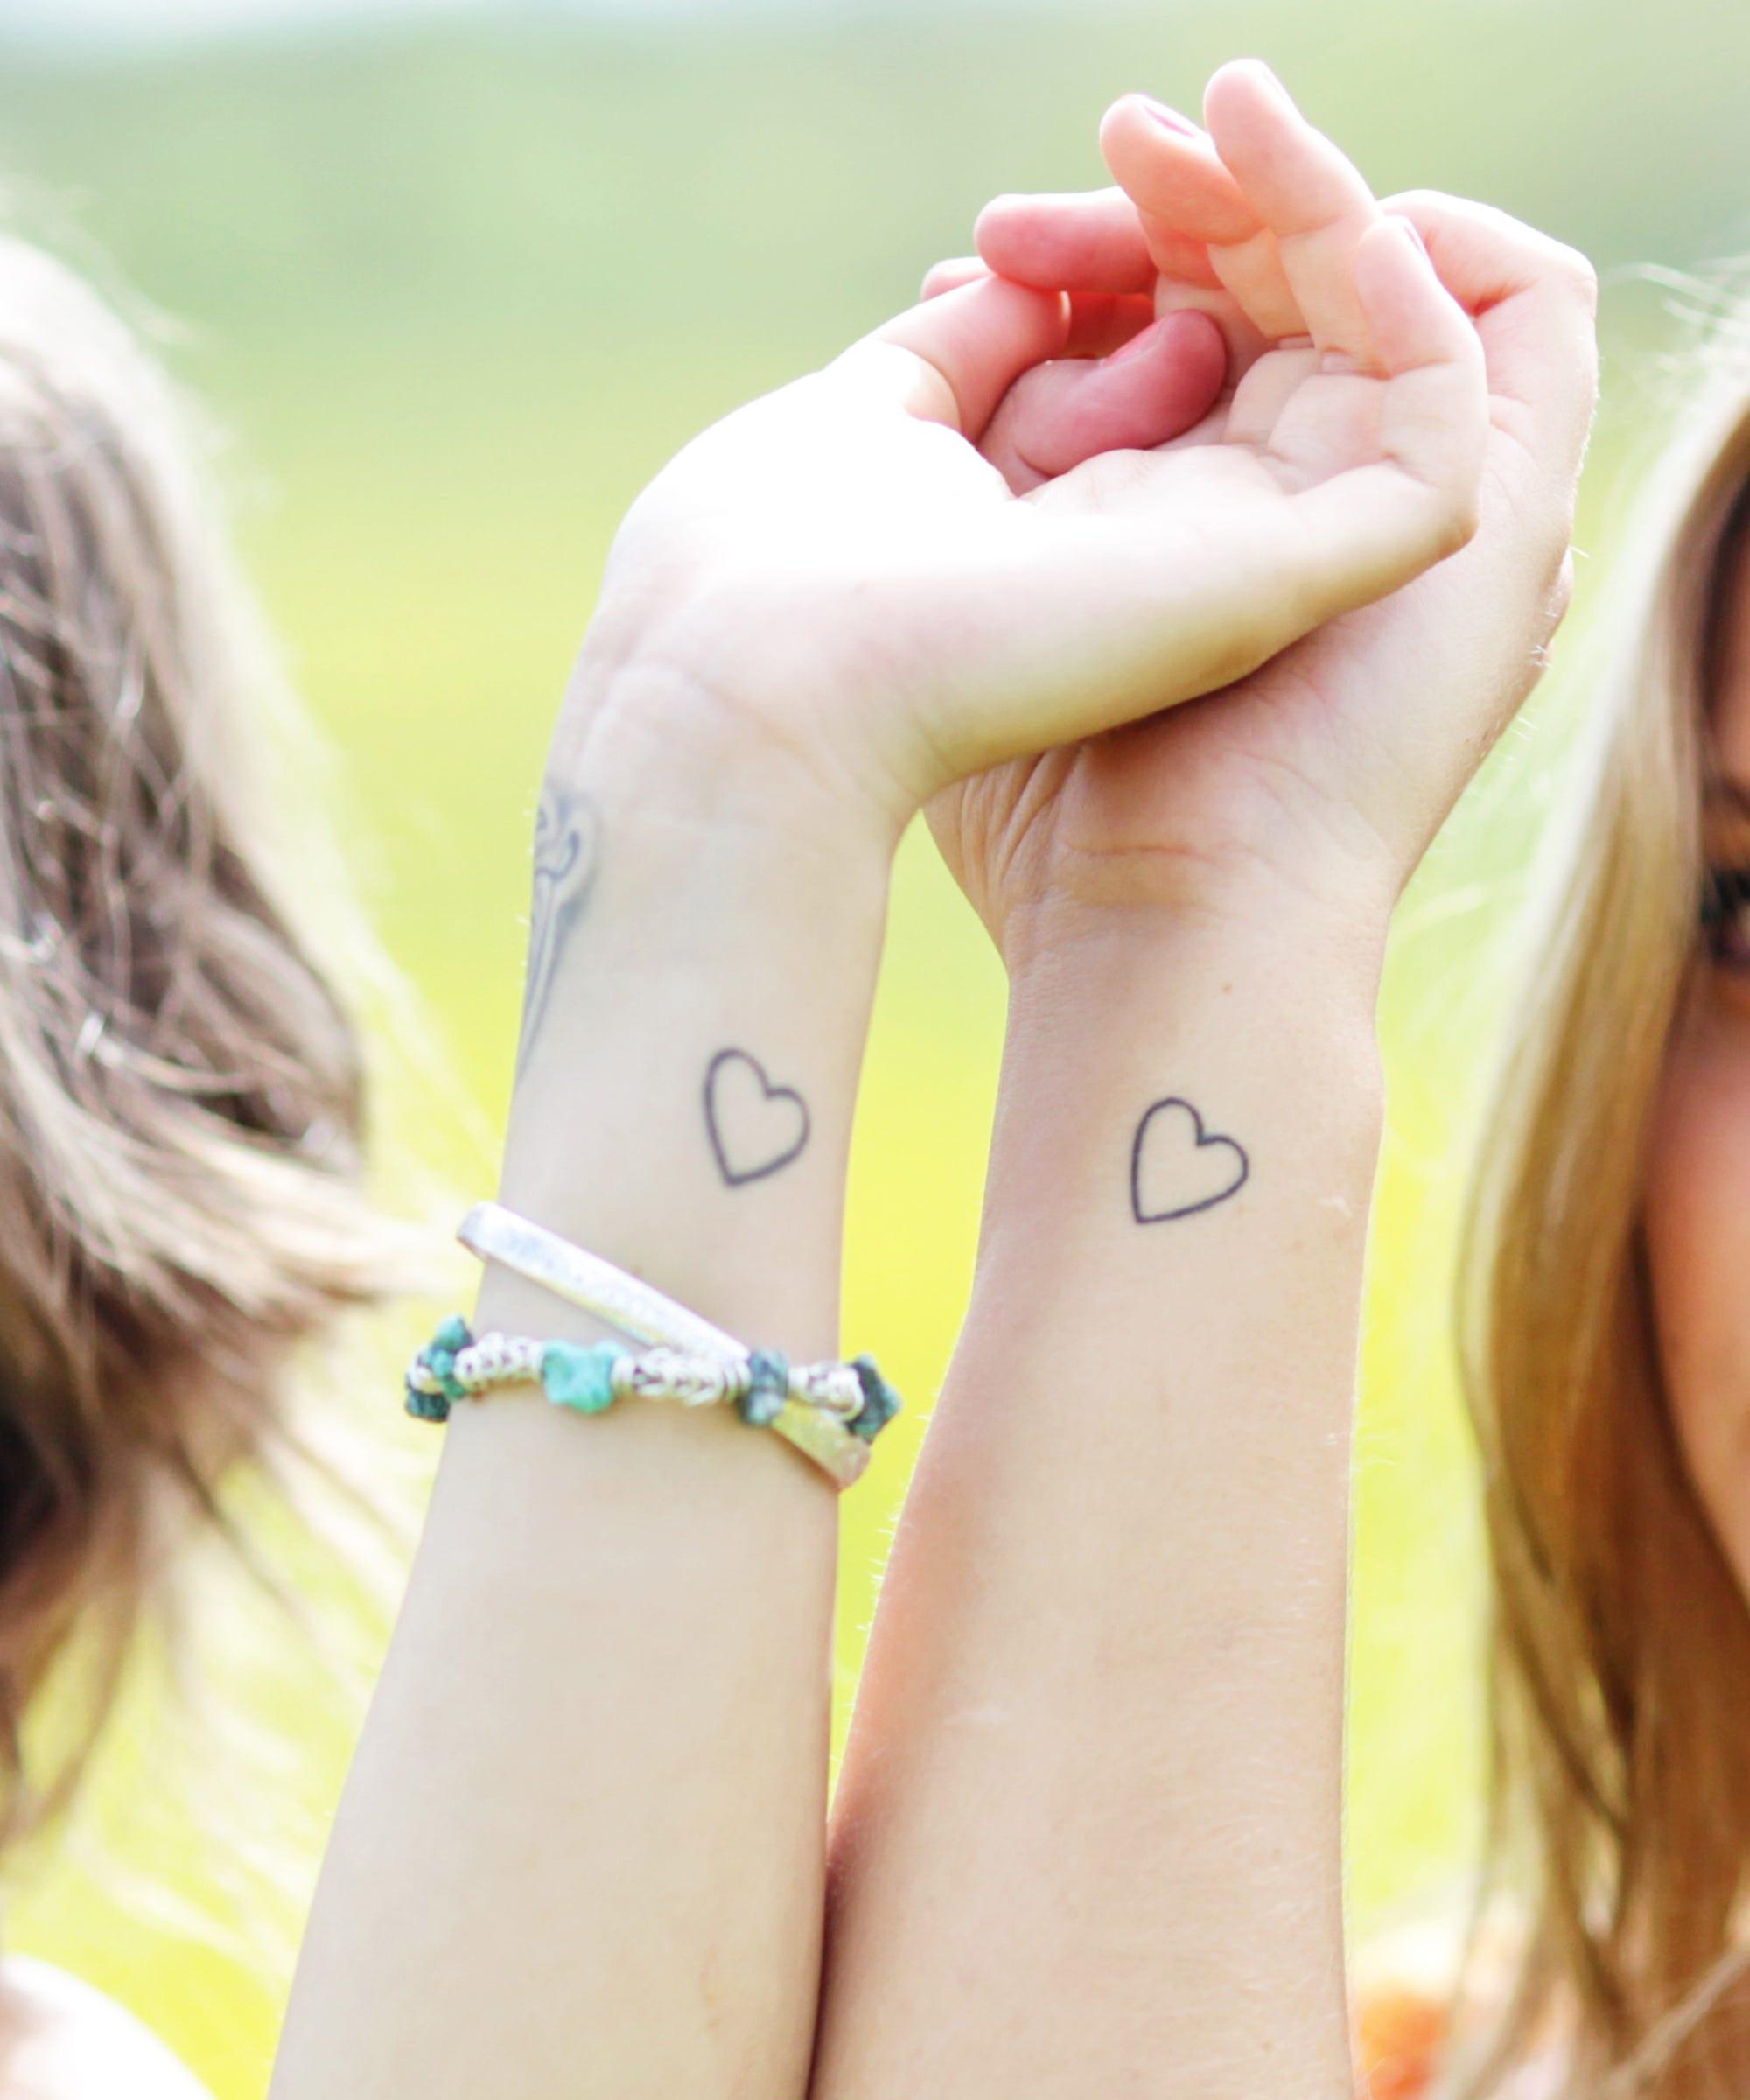 11 Ideen Für Freundschaftstattoos Mit Bedeutung